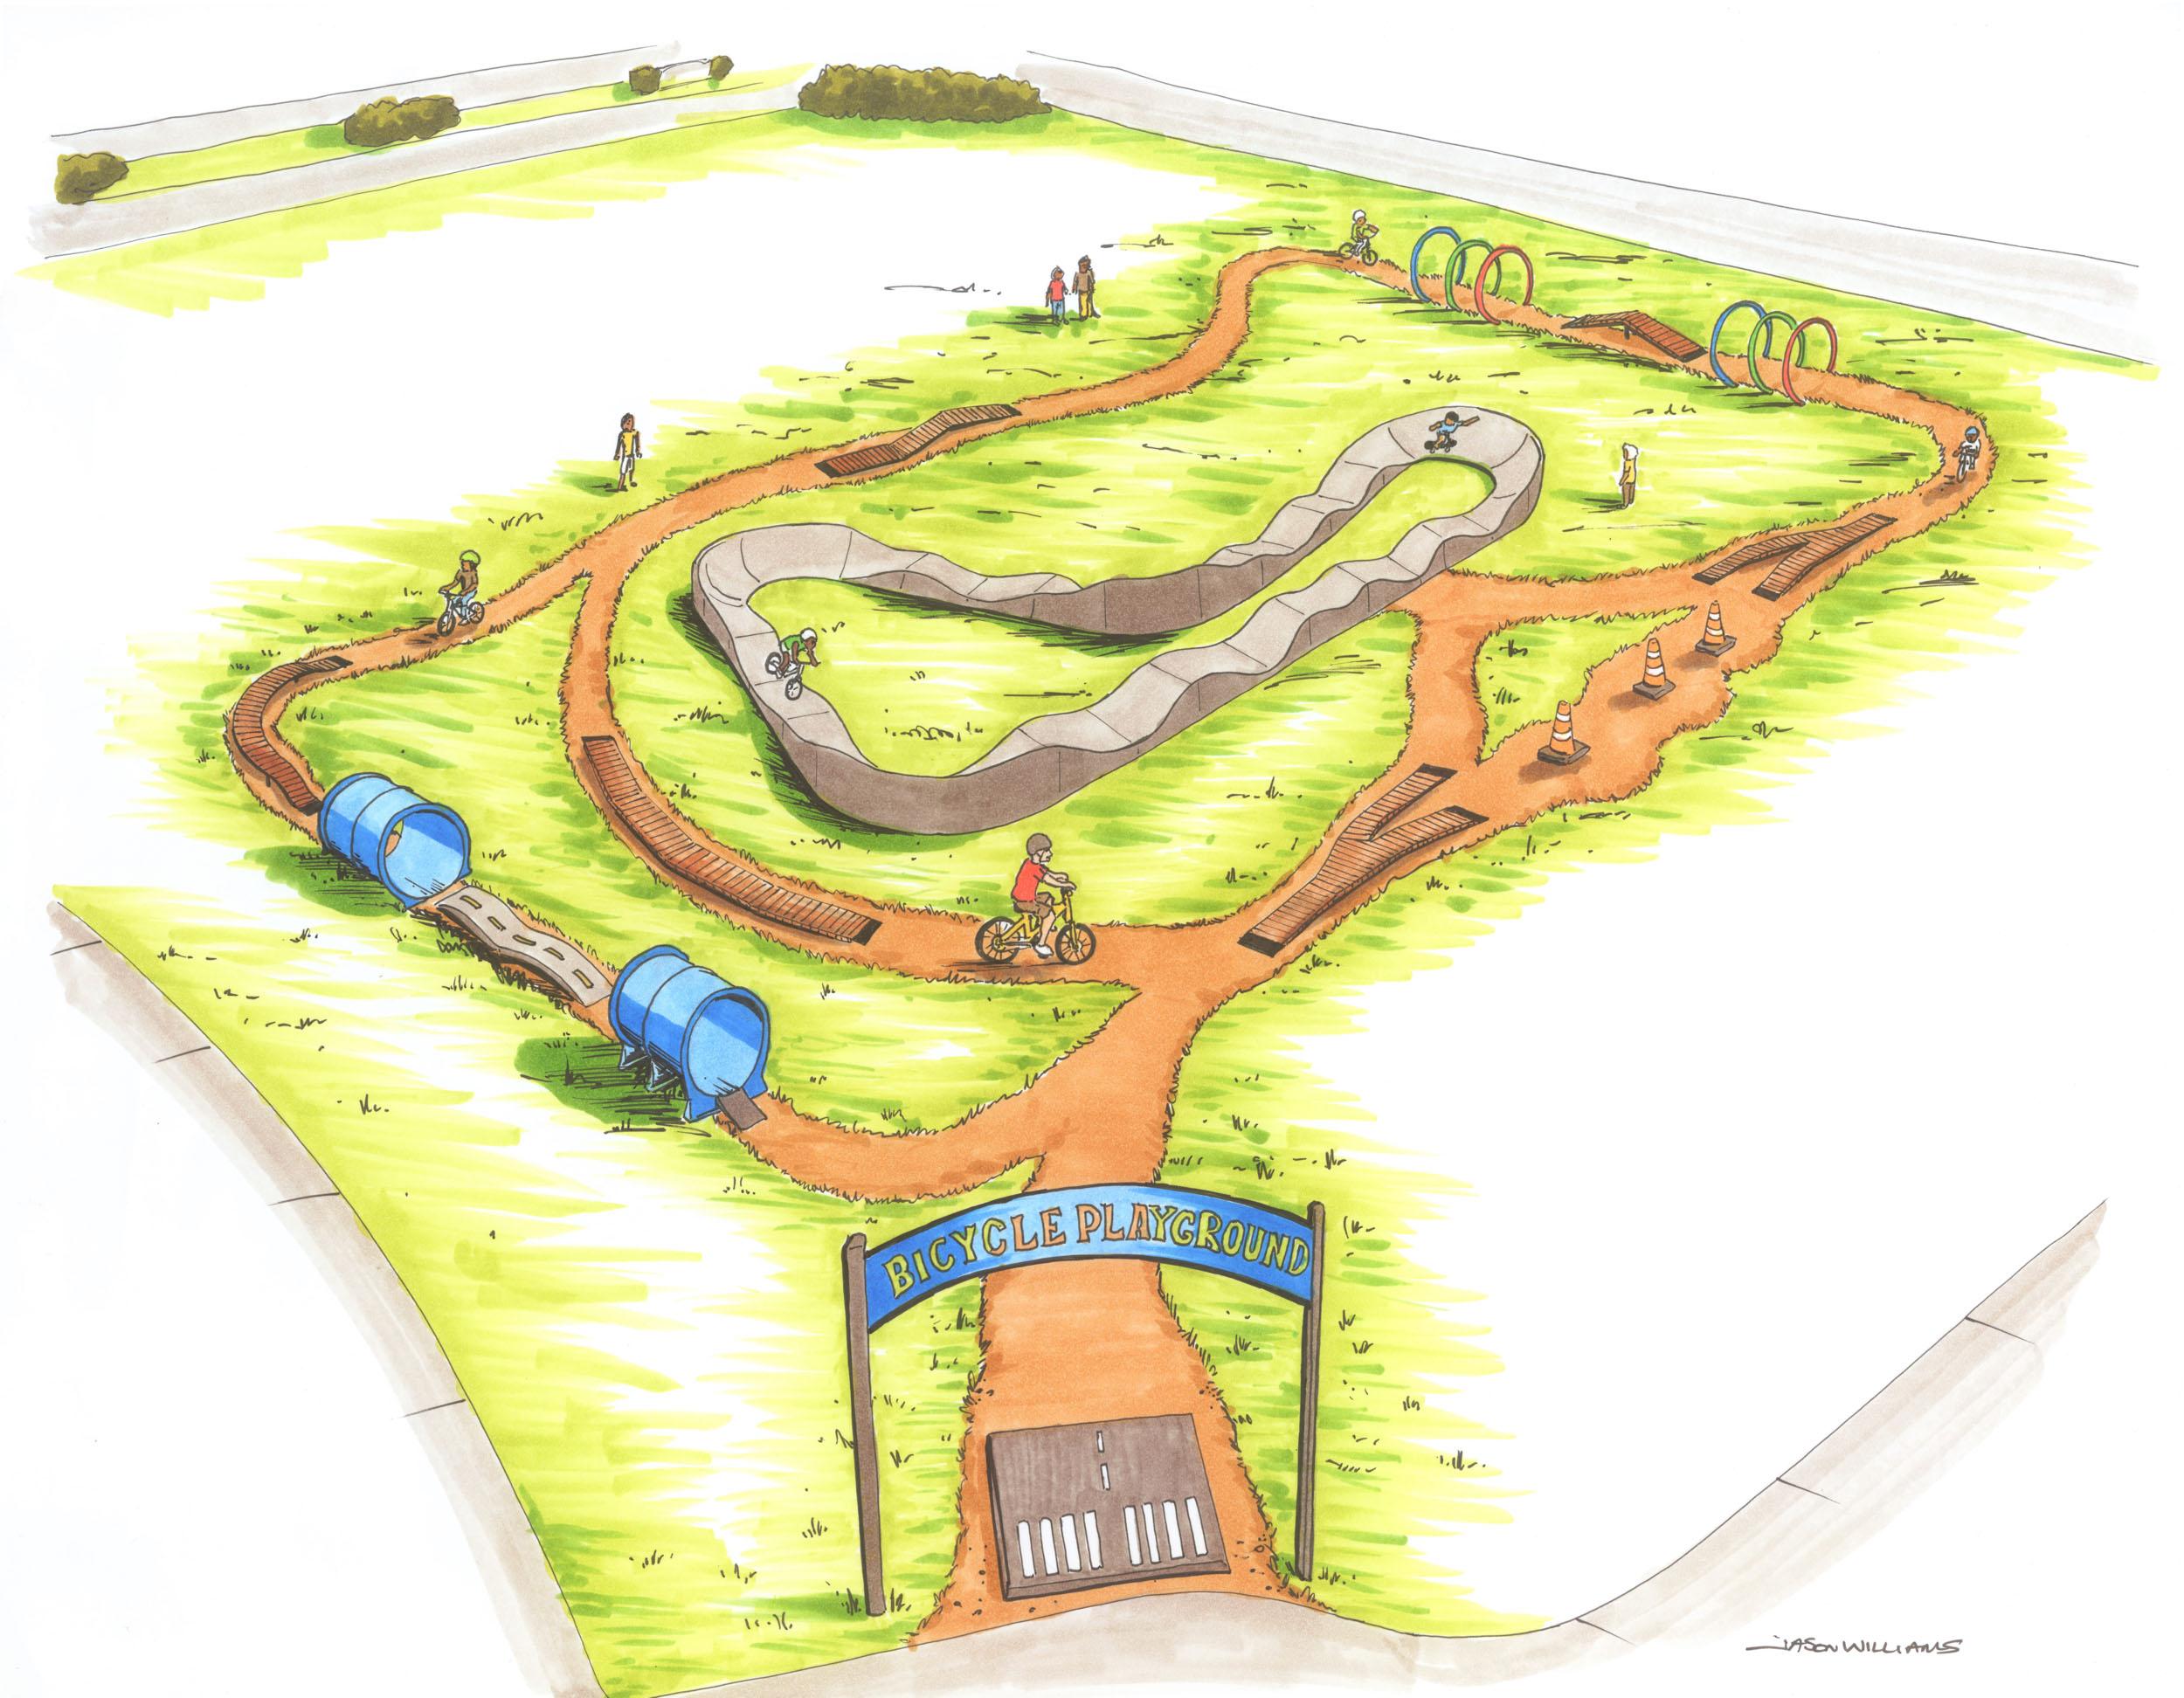 Bicycle Playground Sketch big.jpg